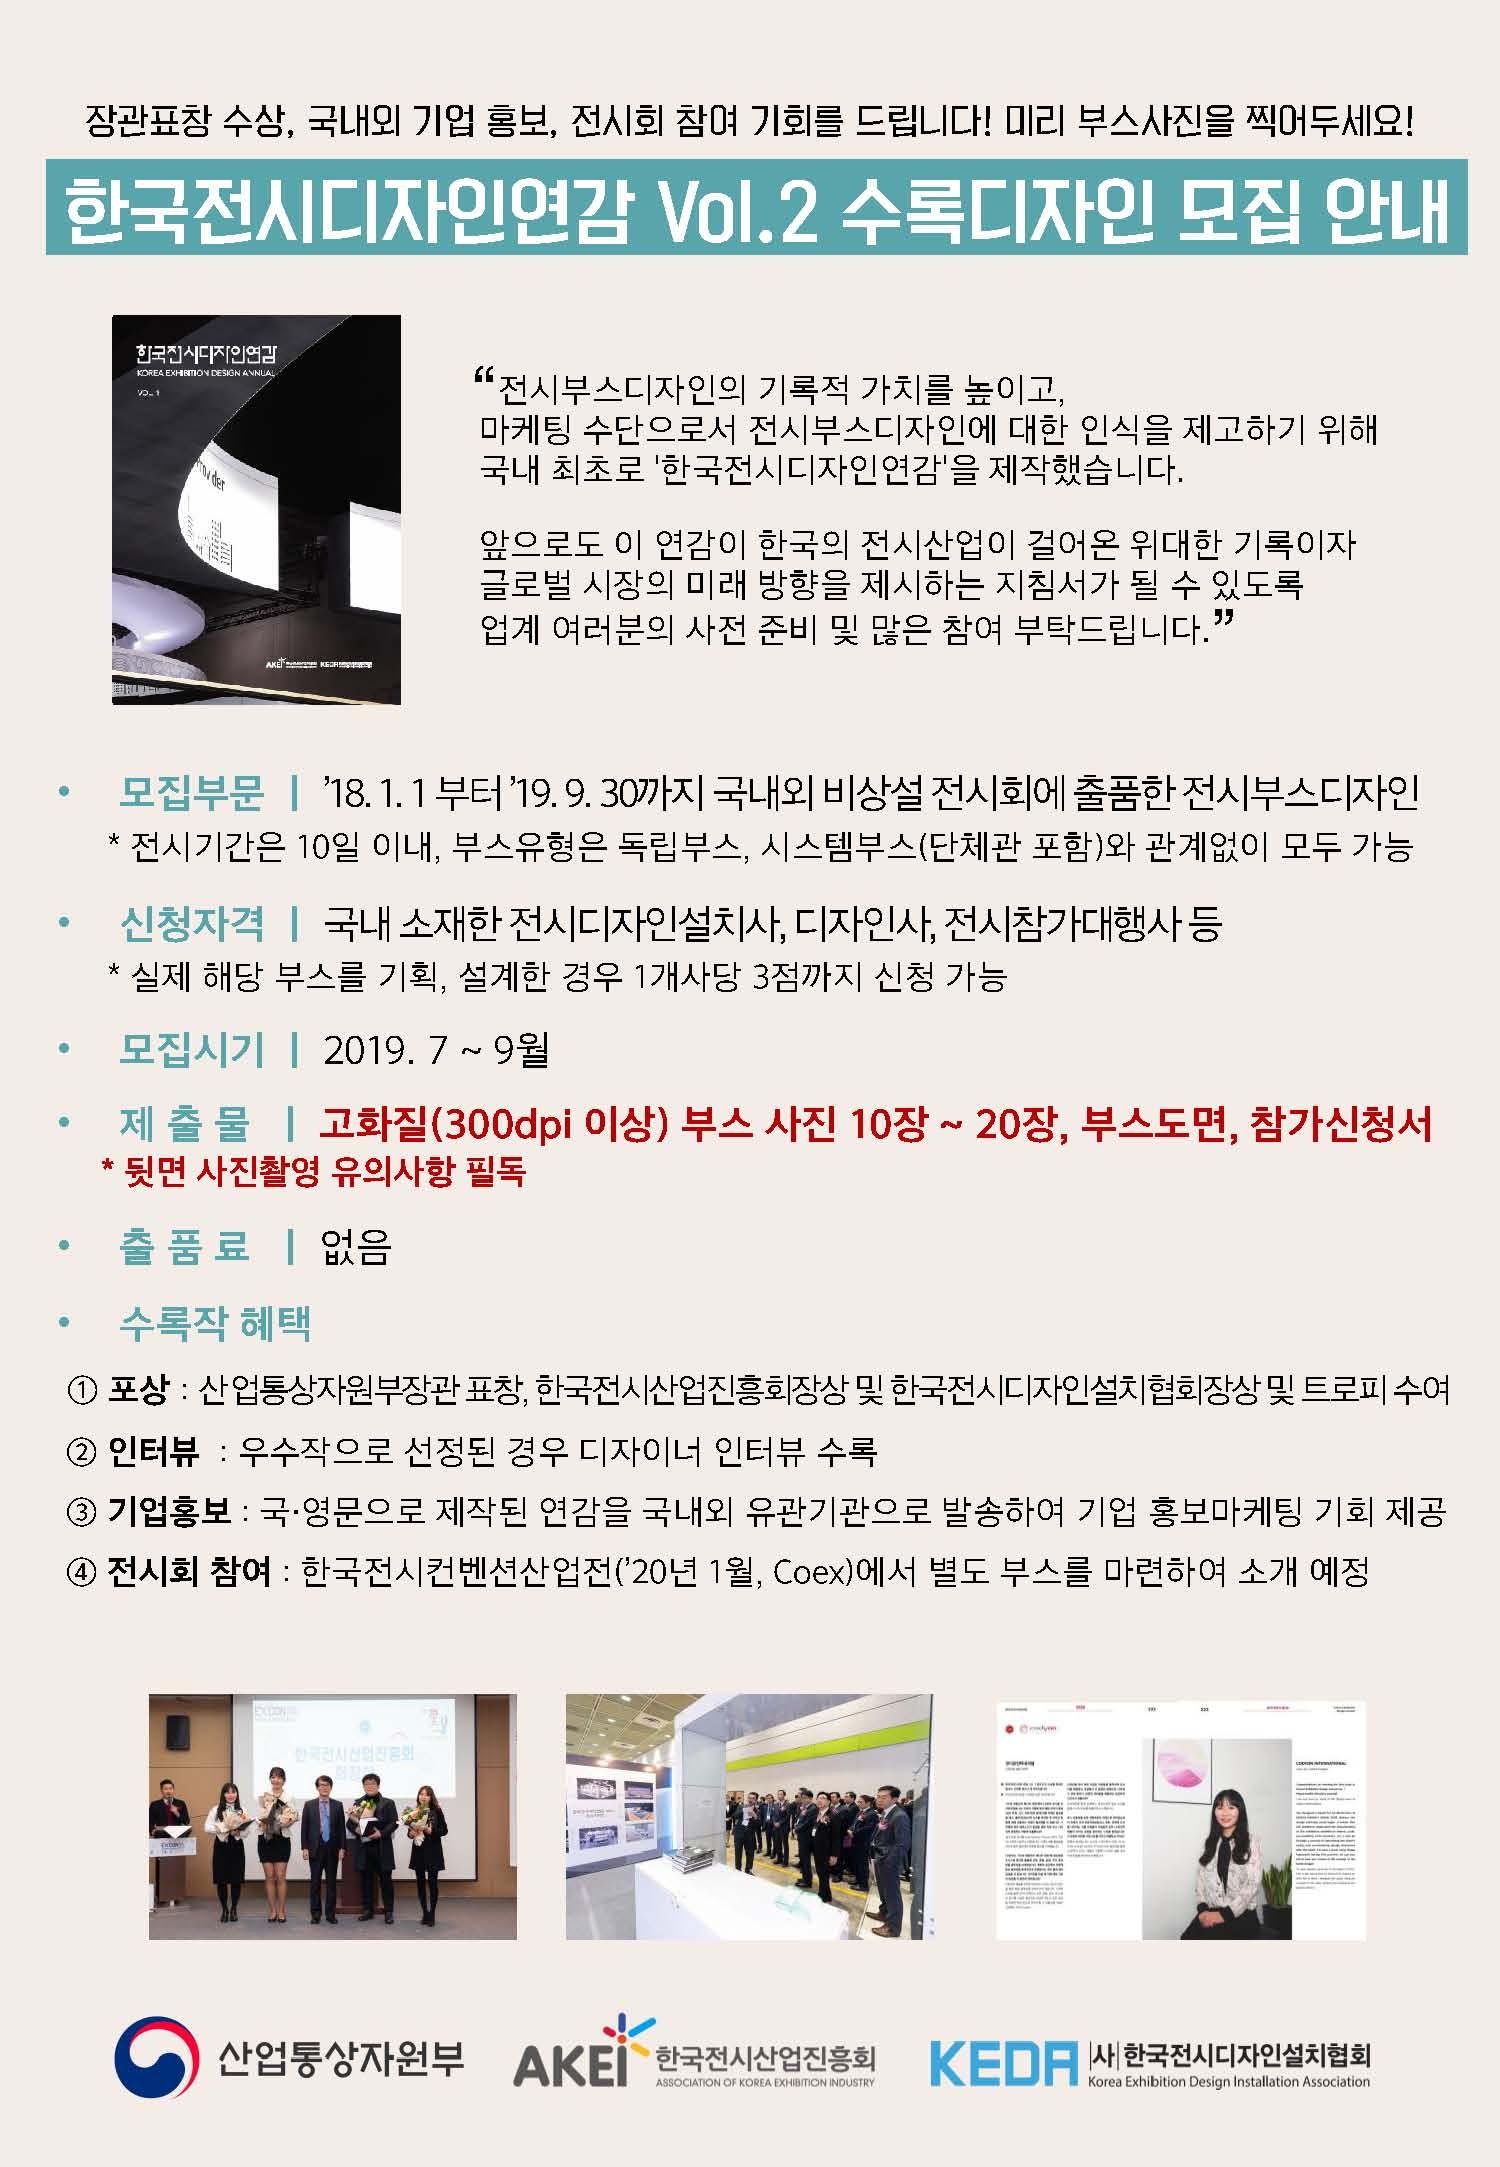 [첨부] 한국전시디자인연감 수록디자인 모집 안내_페이지_1.jpg